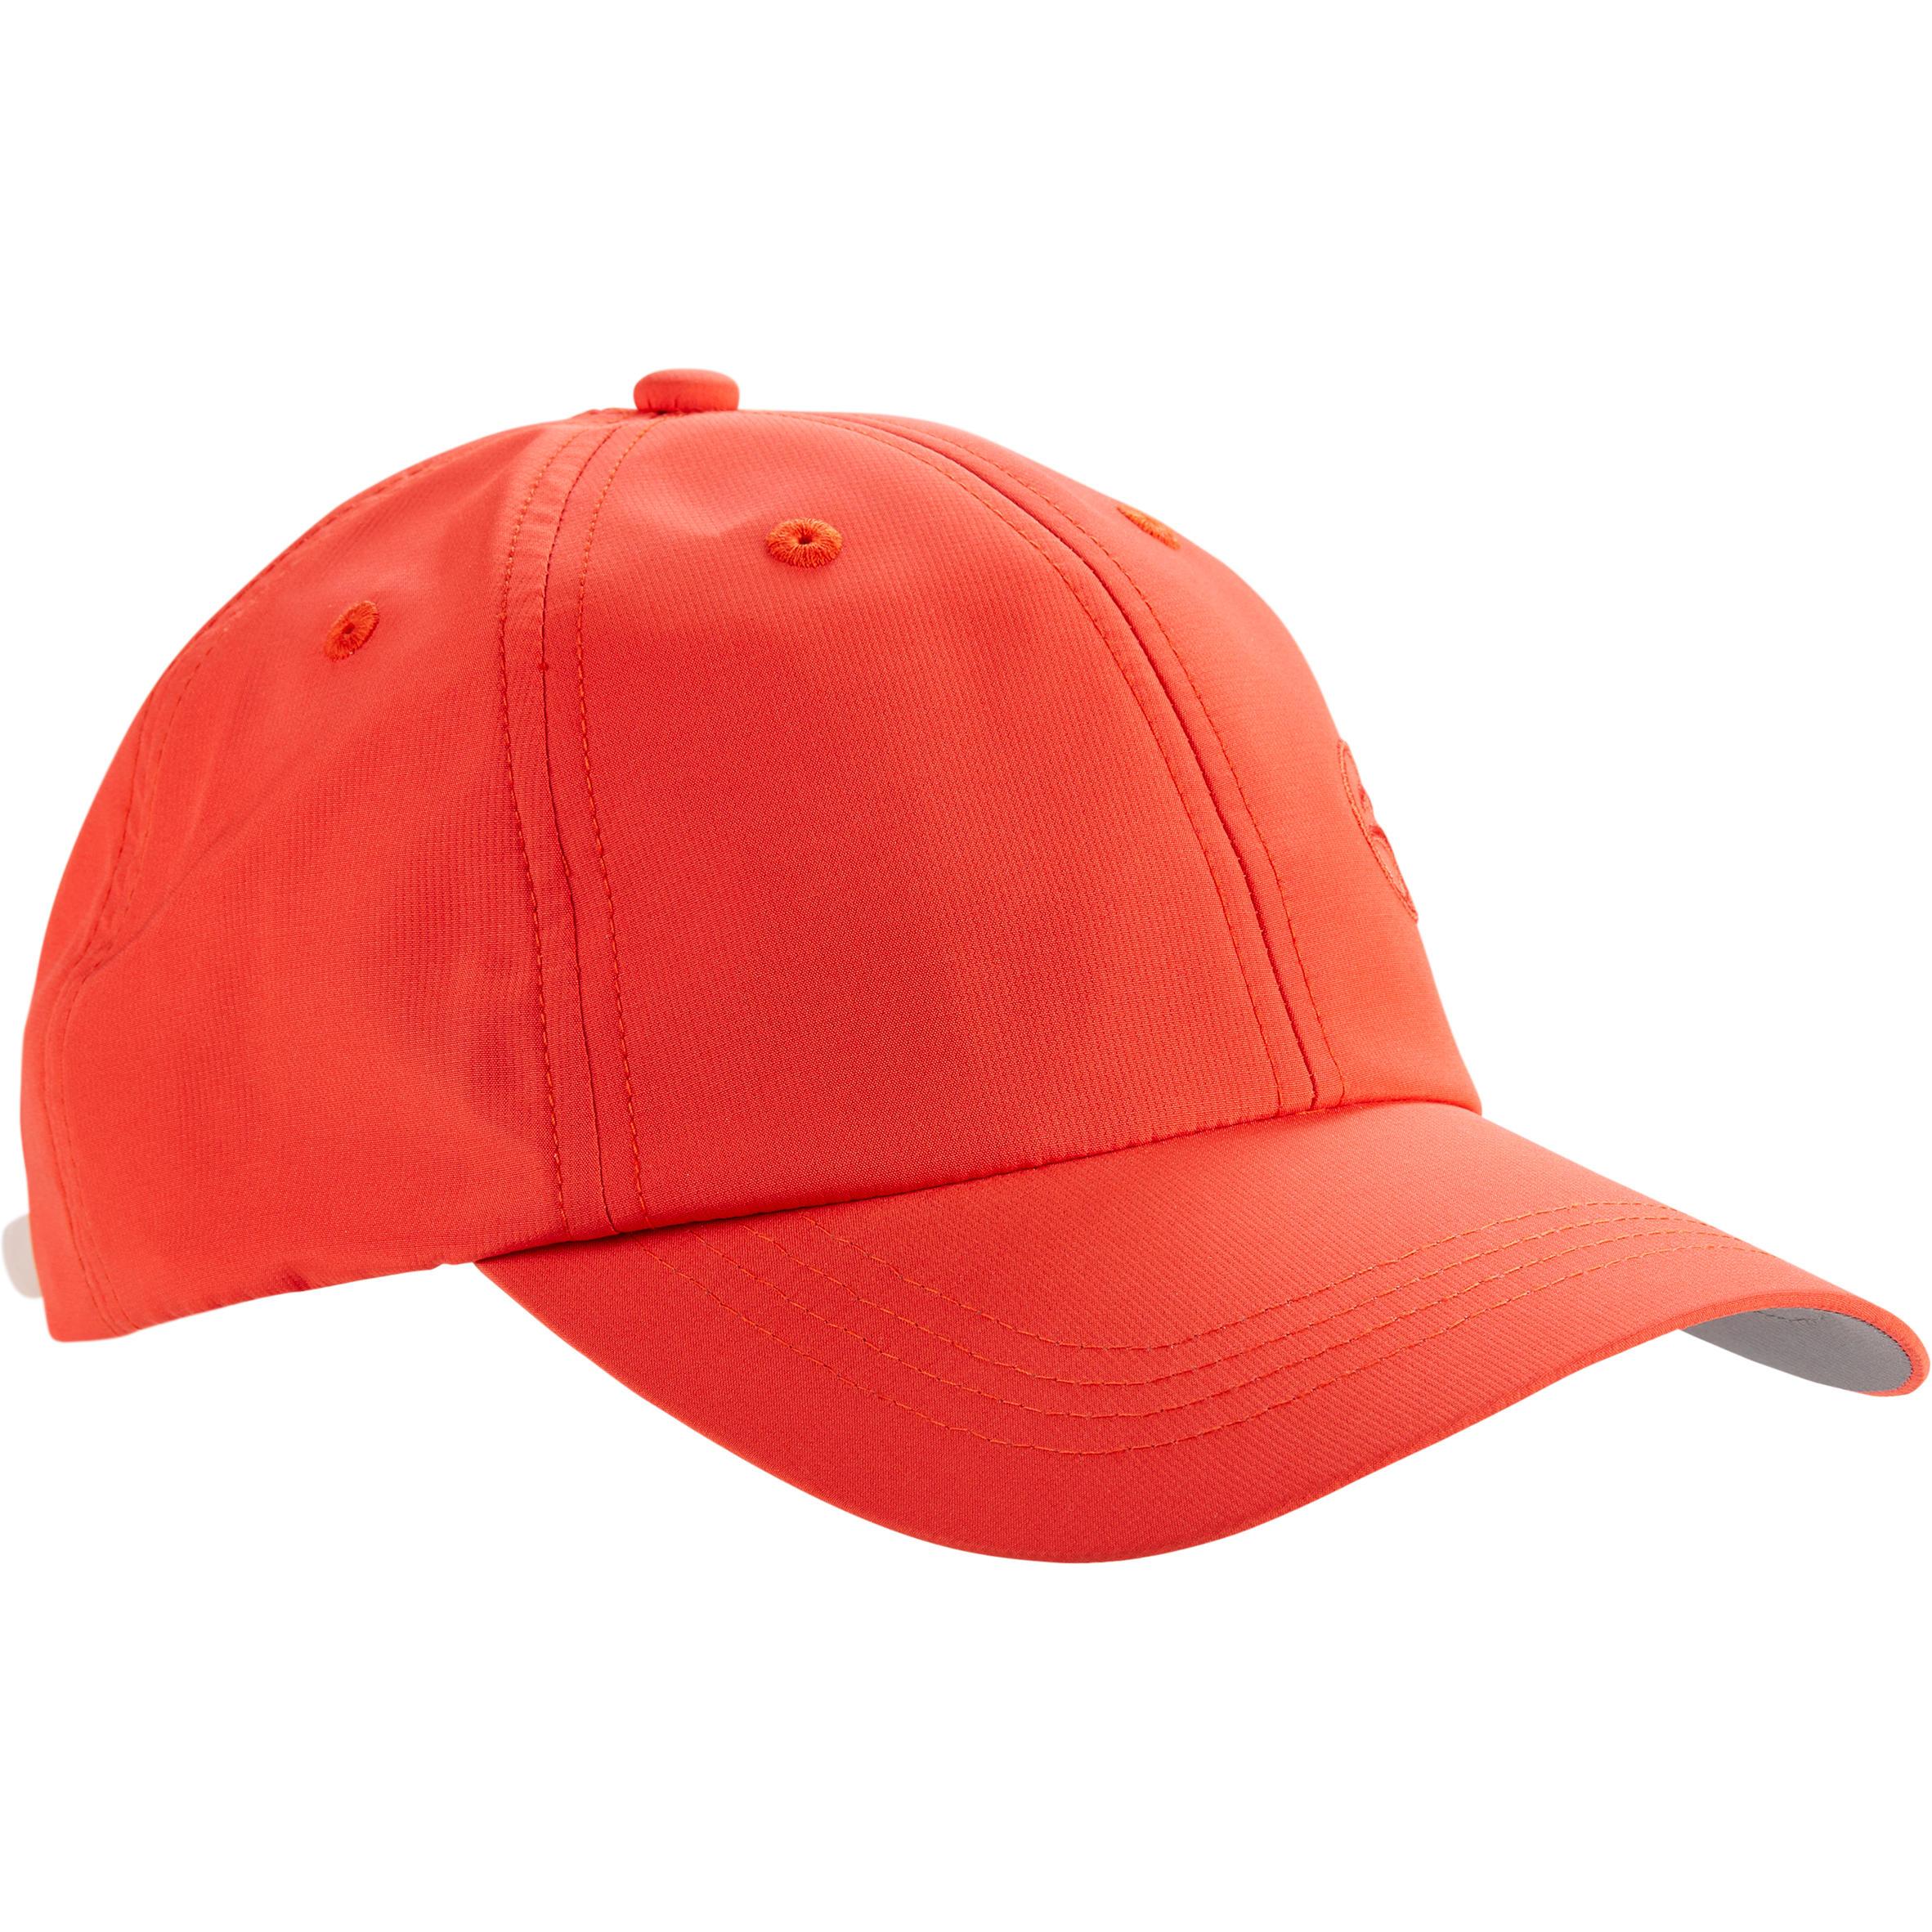 Gorra de golf para adulto - rojo